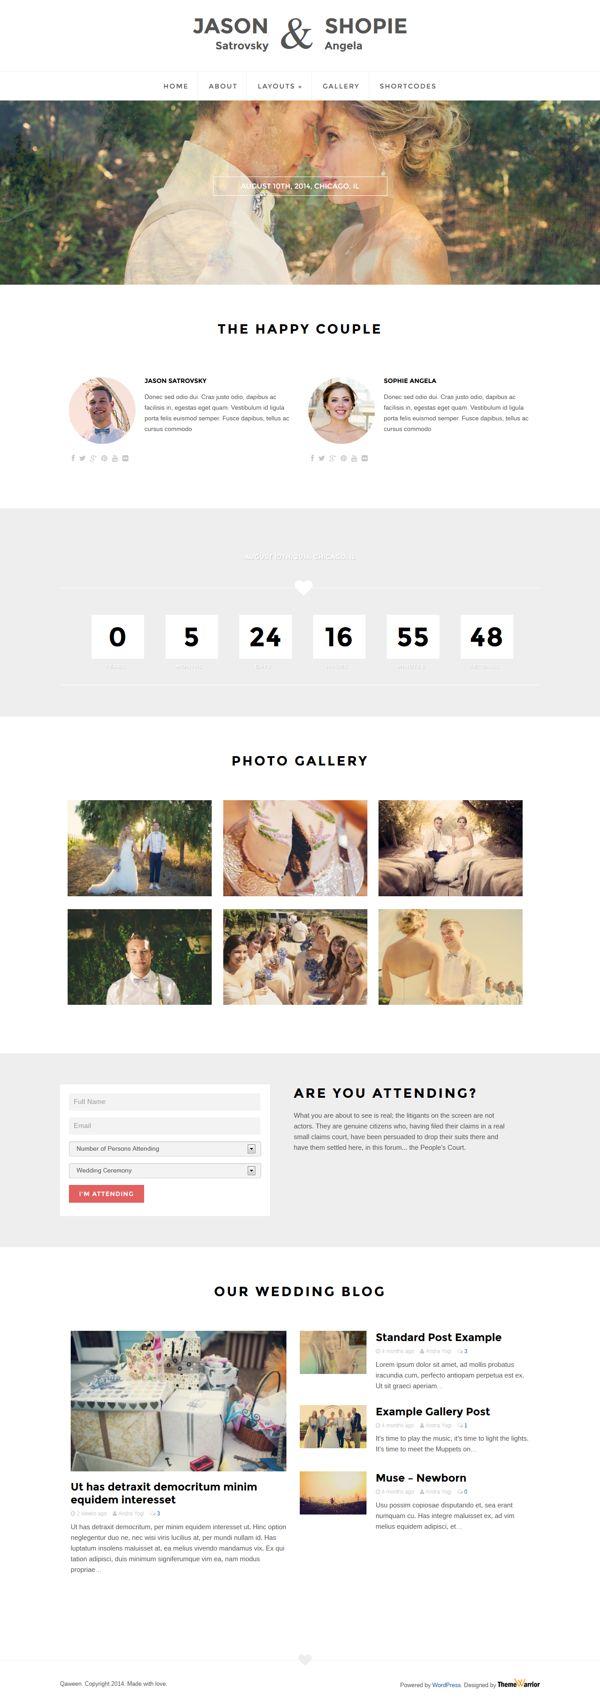 Qaween - Responsive WordPress Wedding Theme on Behance